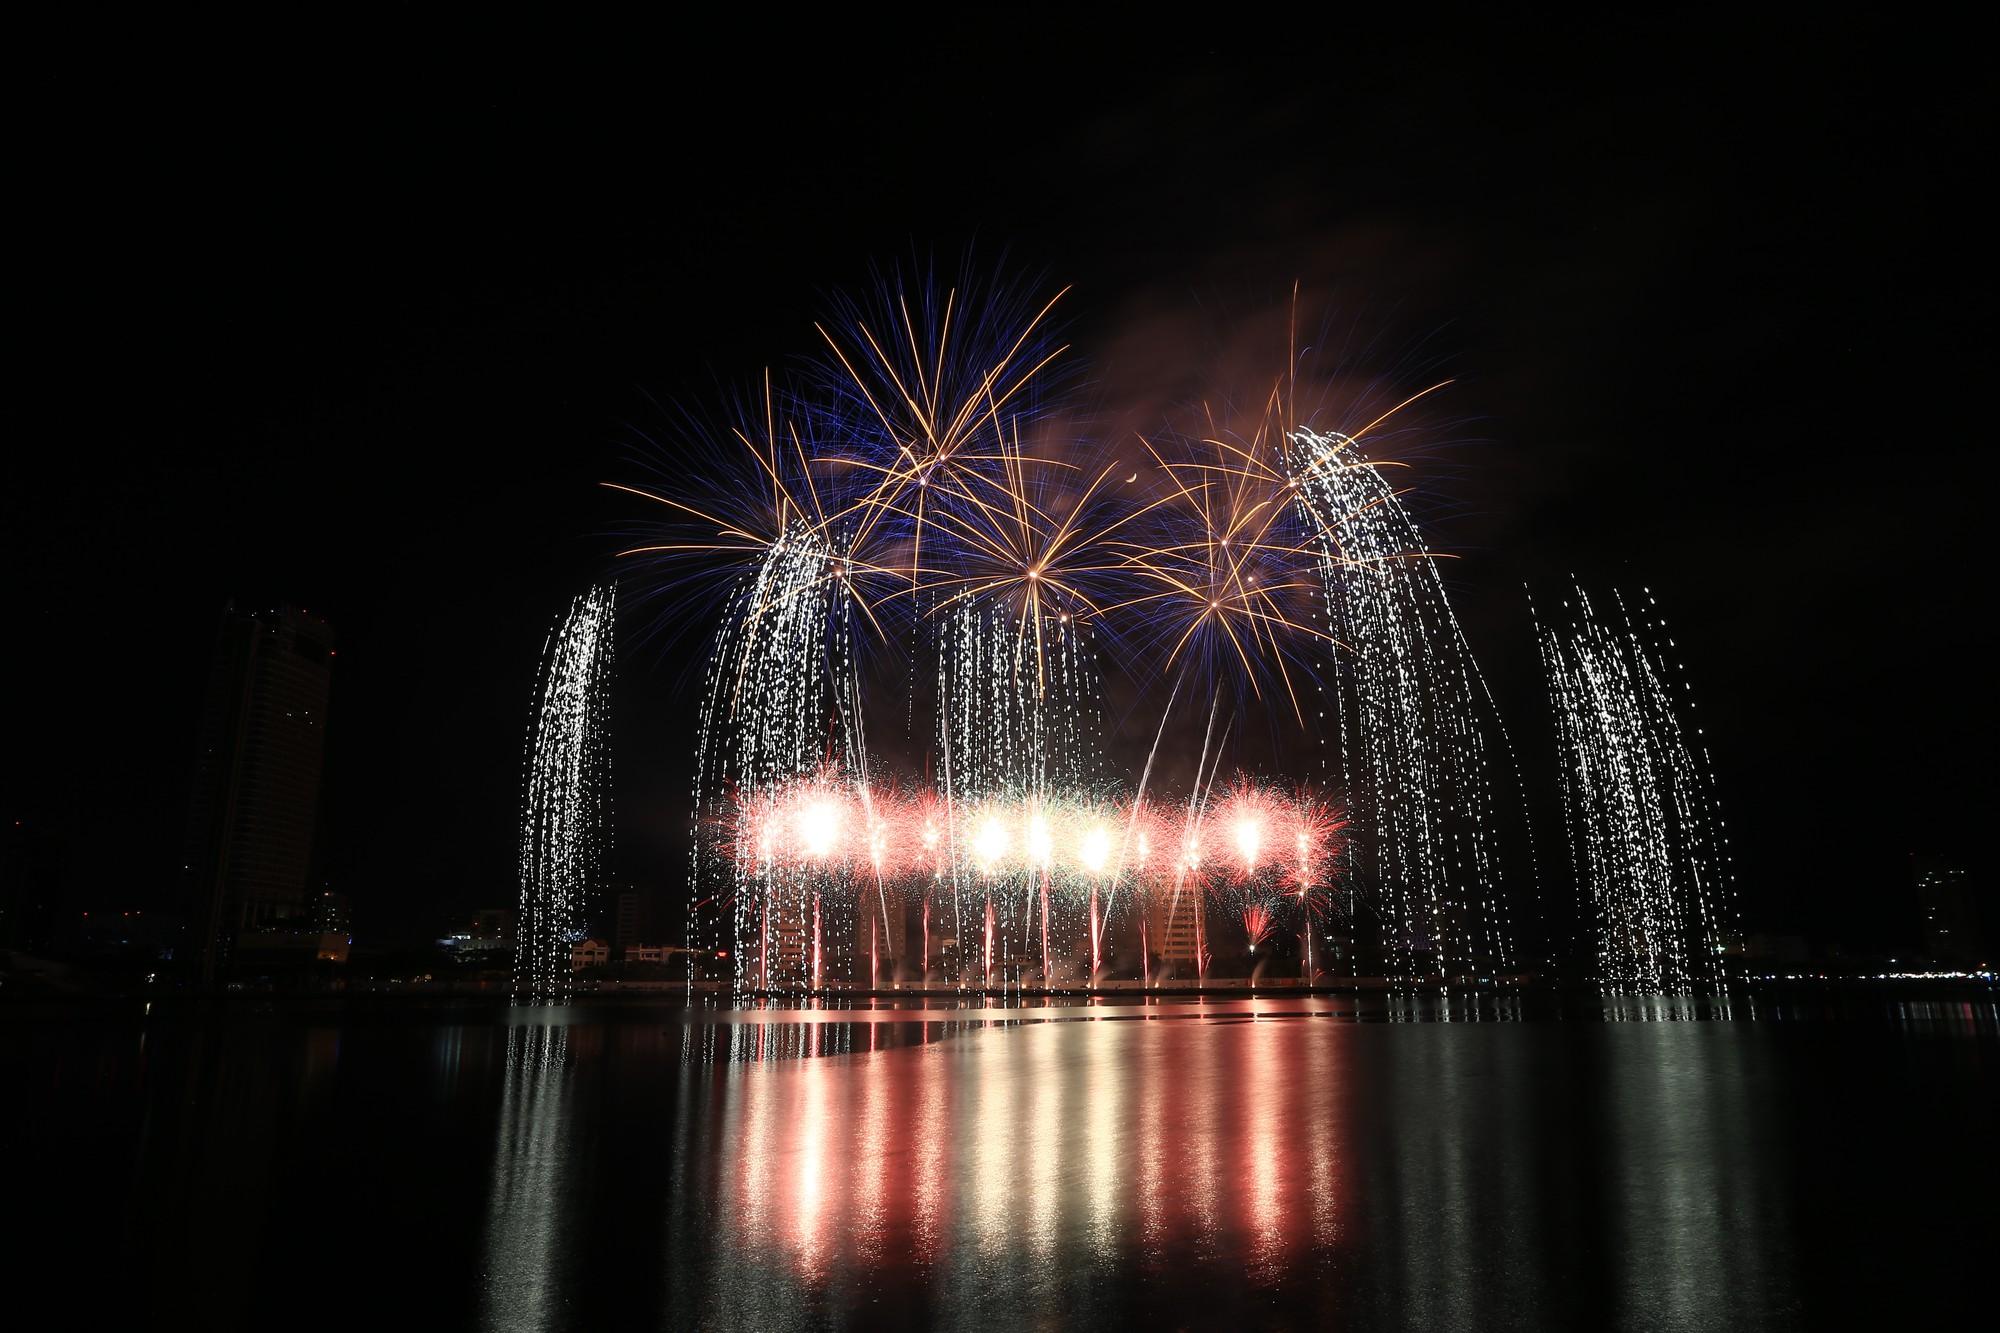 Brasil và Bỉ gửi thông điệp tình yêu bằng ánh sáng pháo hoa trên sông Hàn - Ảnh 9.